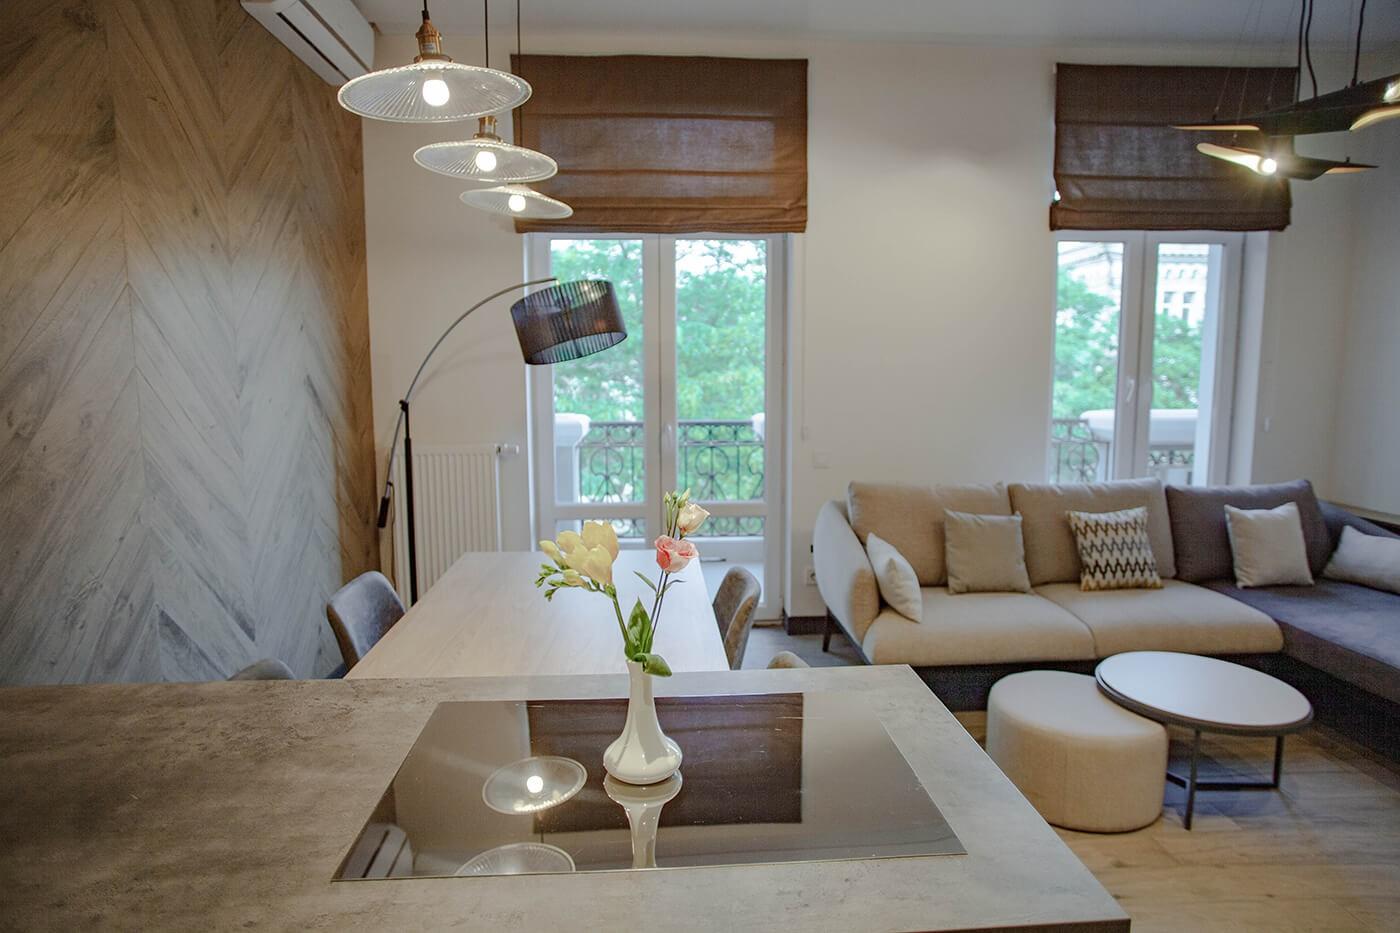 Двокімнатні Апартаменти з балконом - Duke Apartments. Широкий вибір квартир. Подобово.